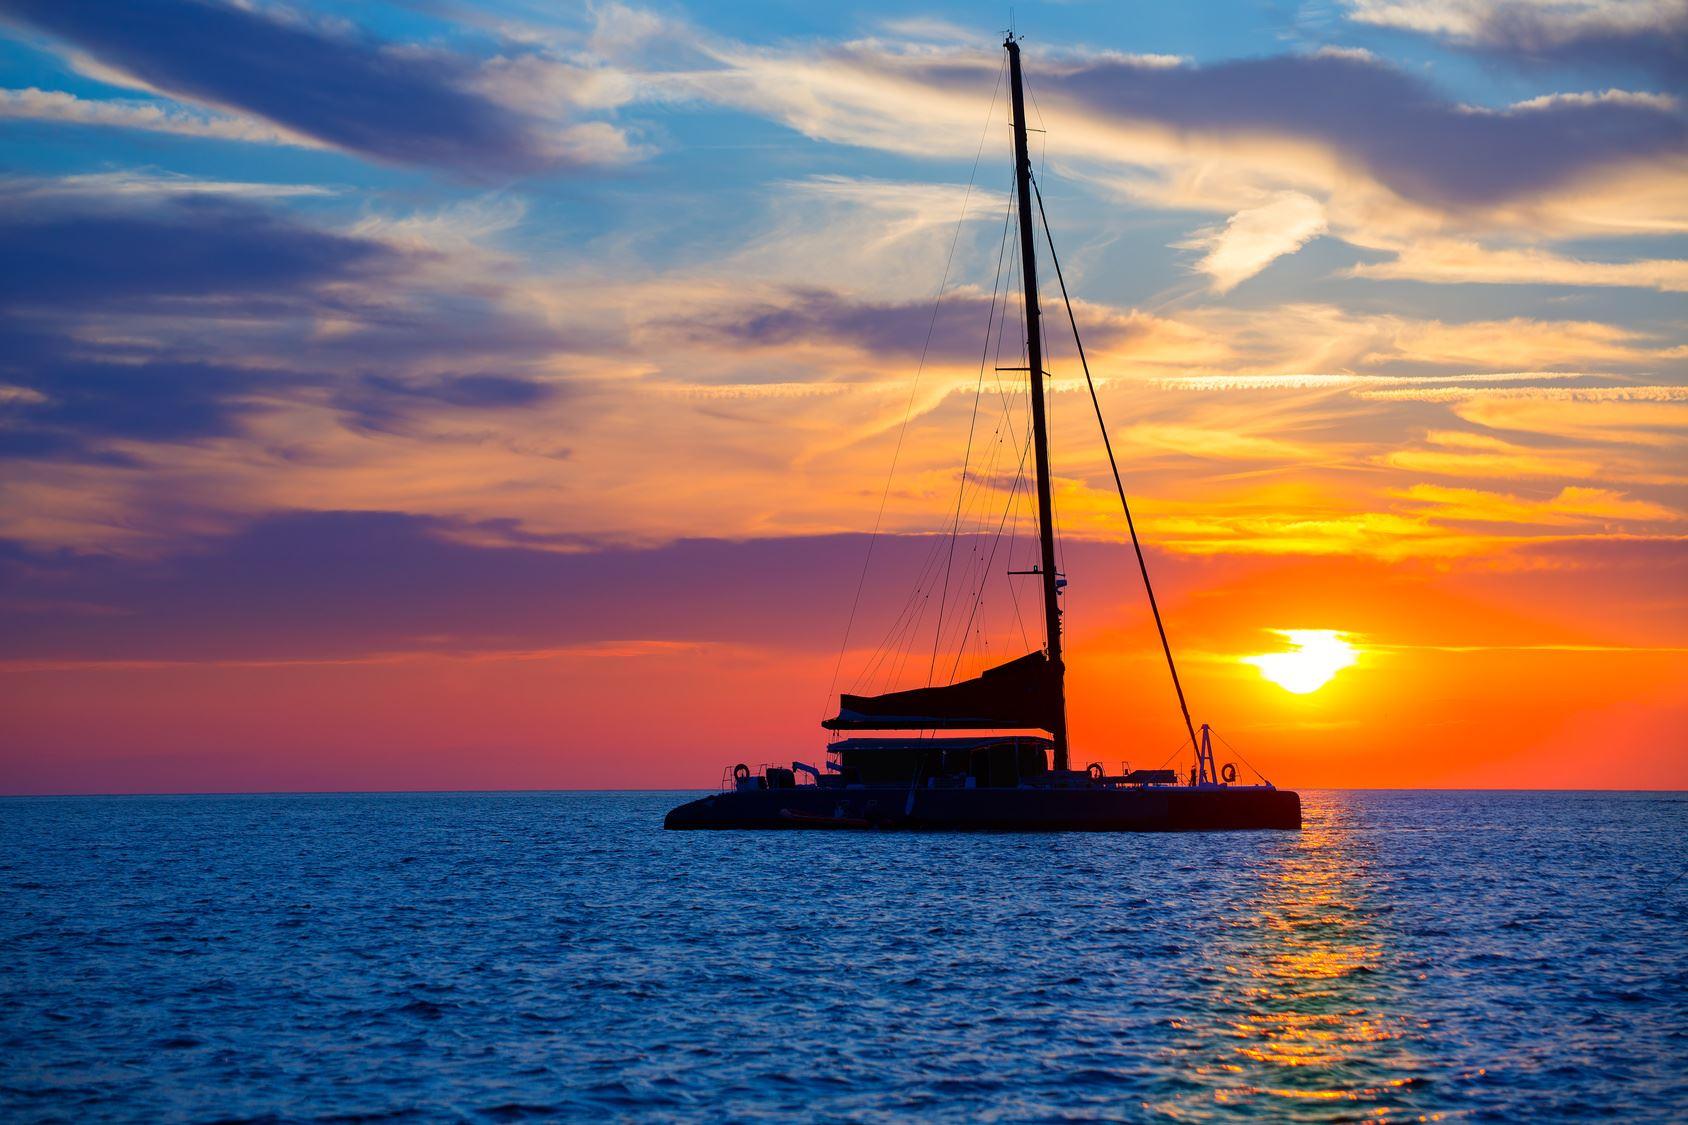 Zarlor détente Croisière Sunset Chill